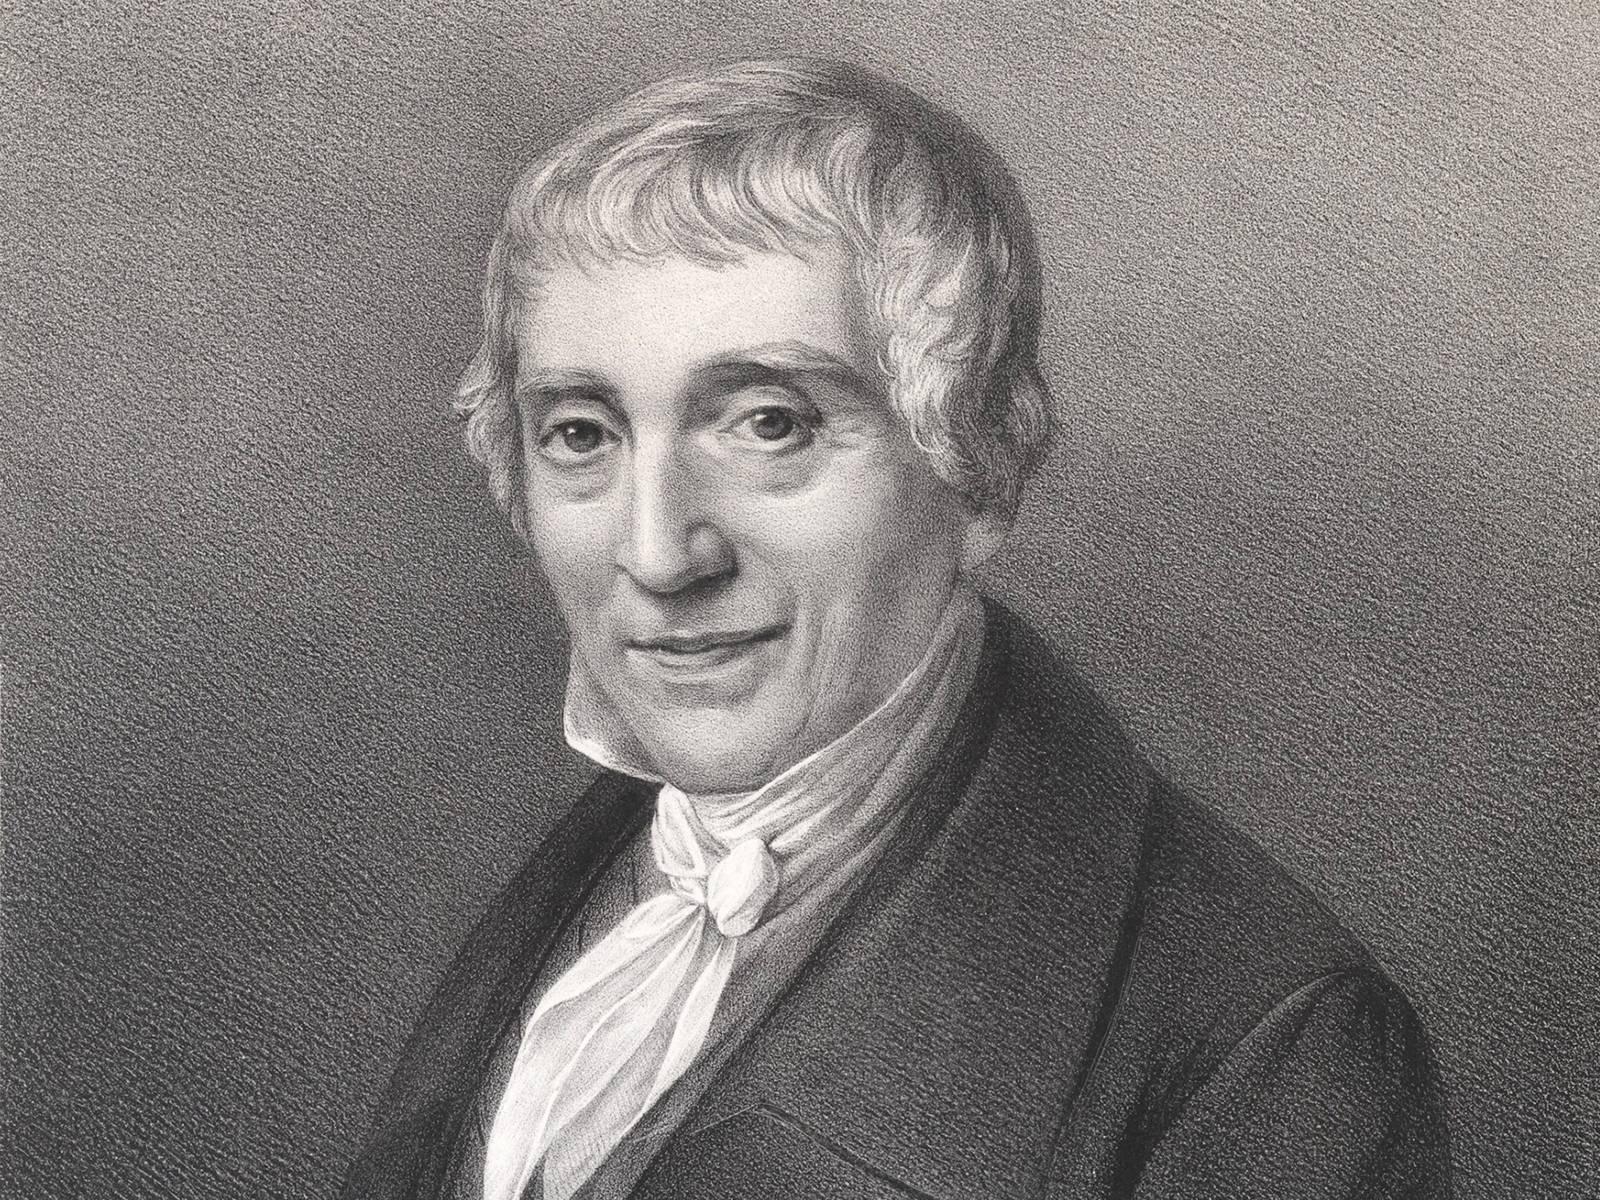 Die Lithografie zeigt das Brustbild Grotefends von links mit nach vorn gewandtem Gesicht.